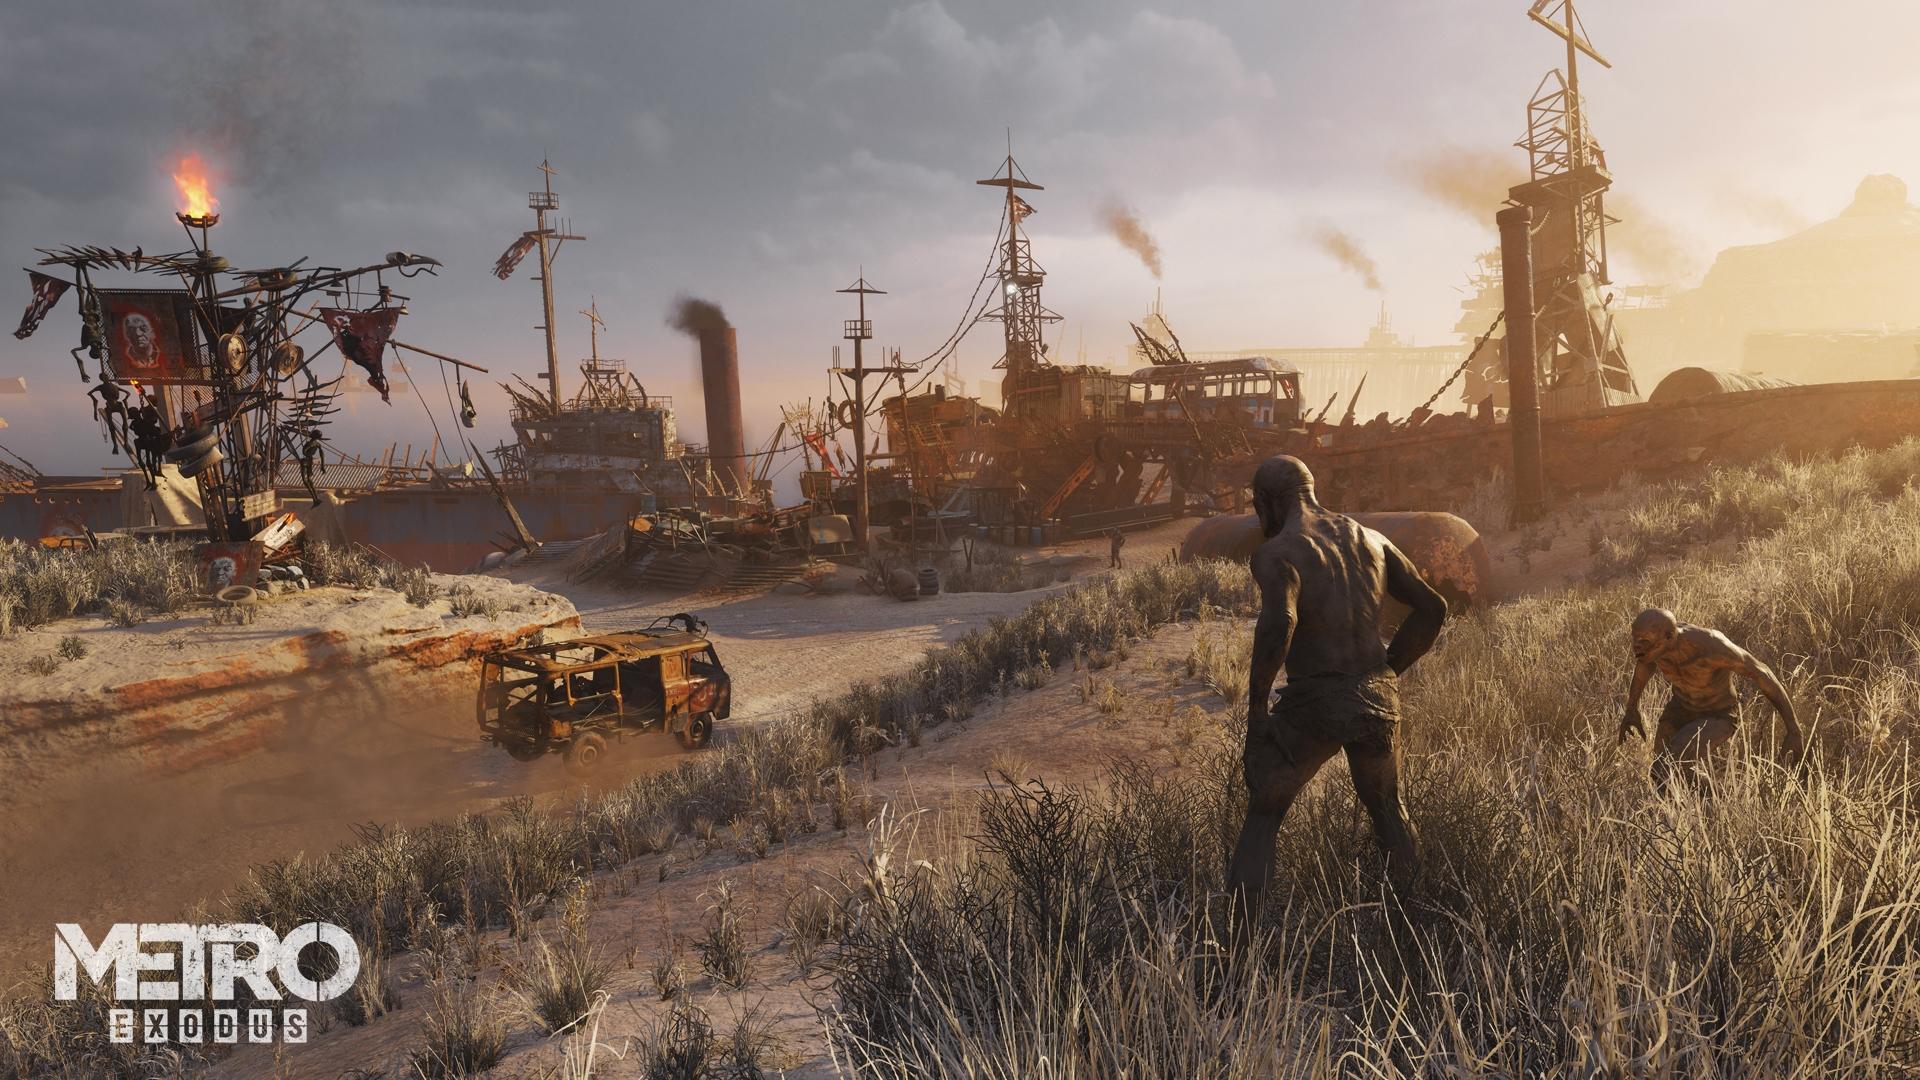 Vi har ikke opplevd en så variert spillverden i et FPS før.